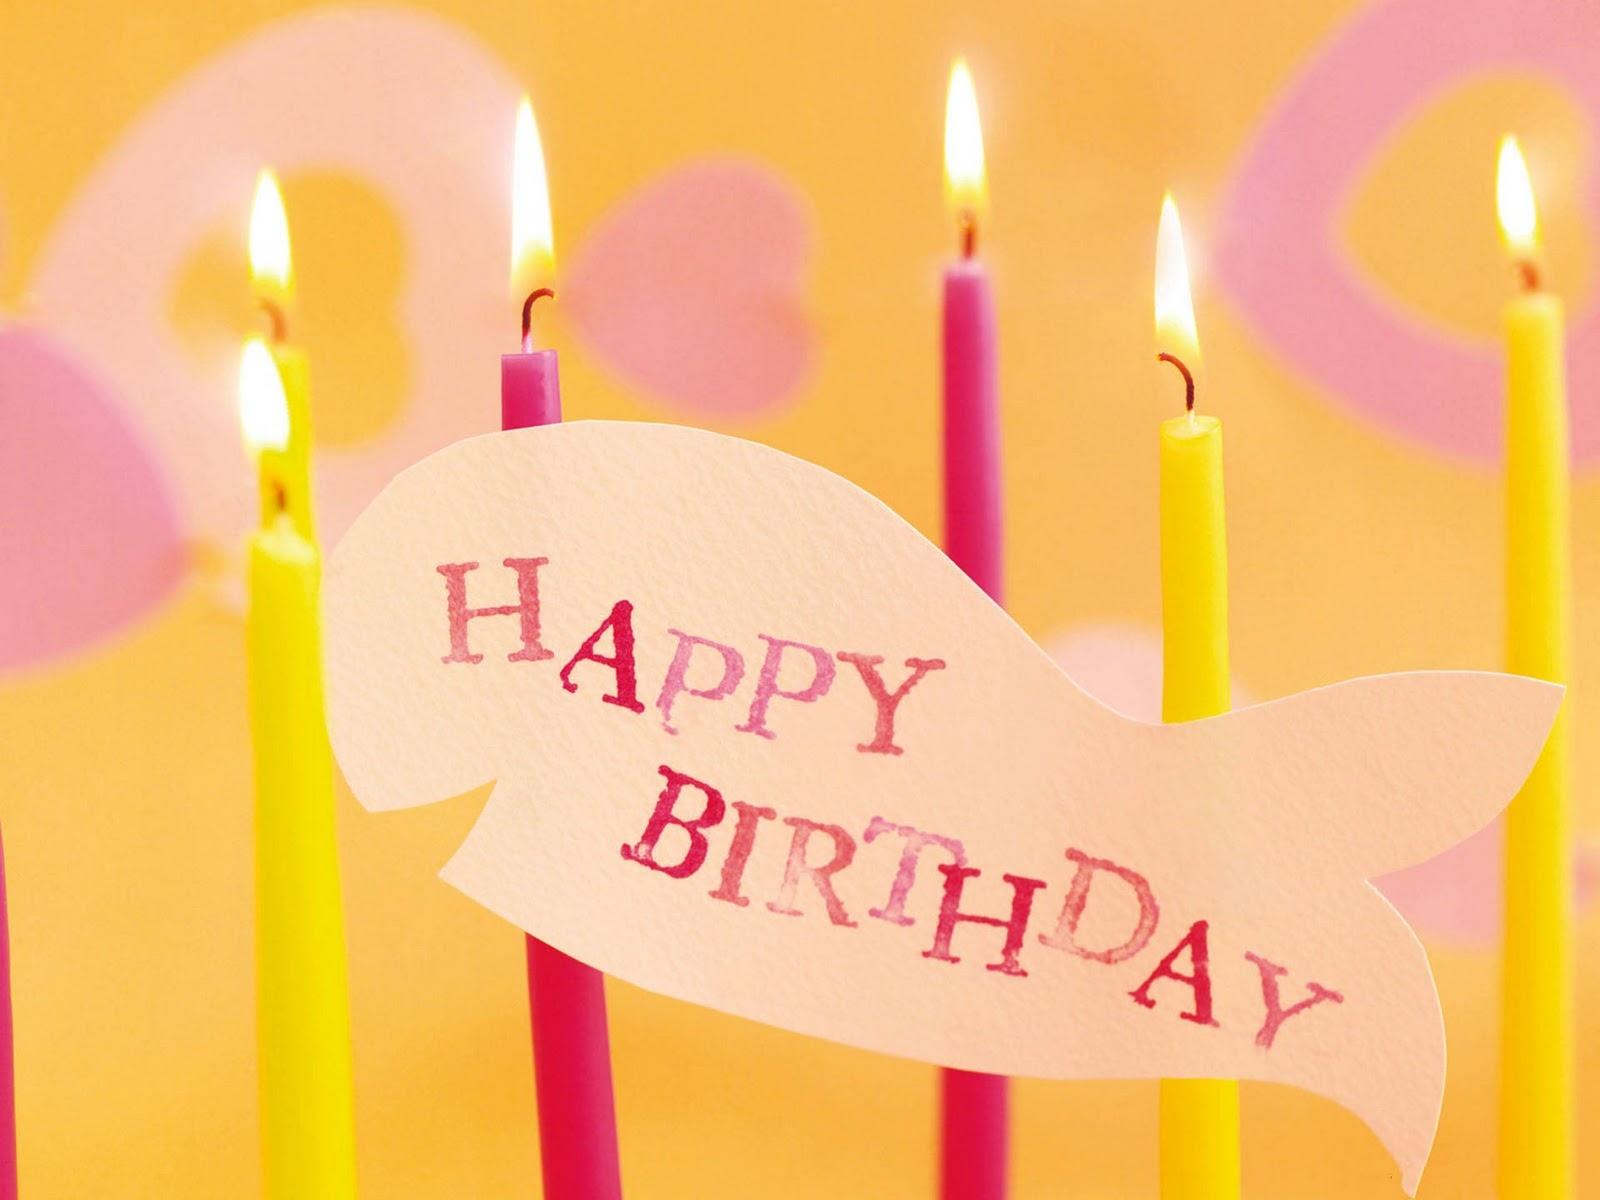 Поздравления  с дне рождения картинки - С Днем Рождения поздравительные картинки